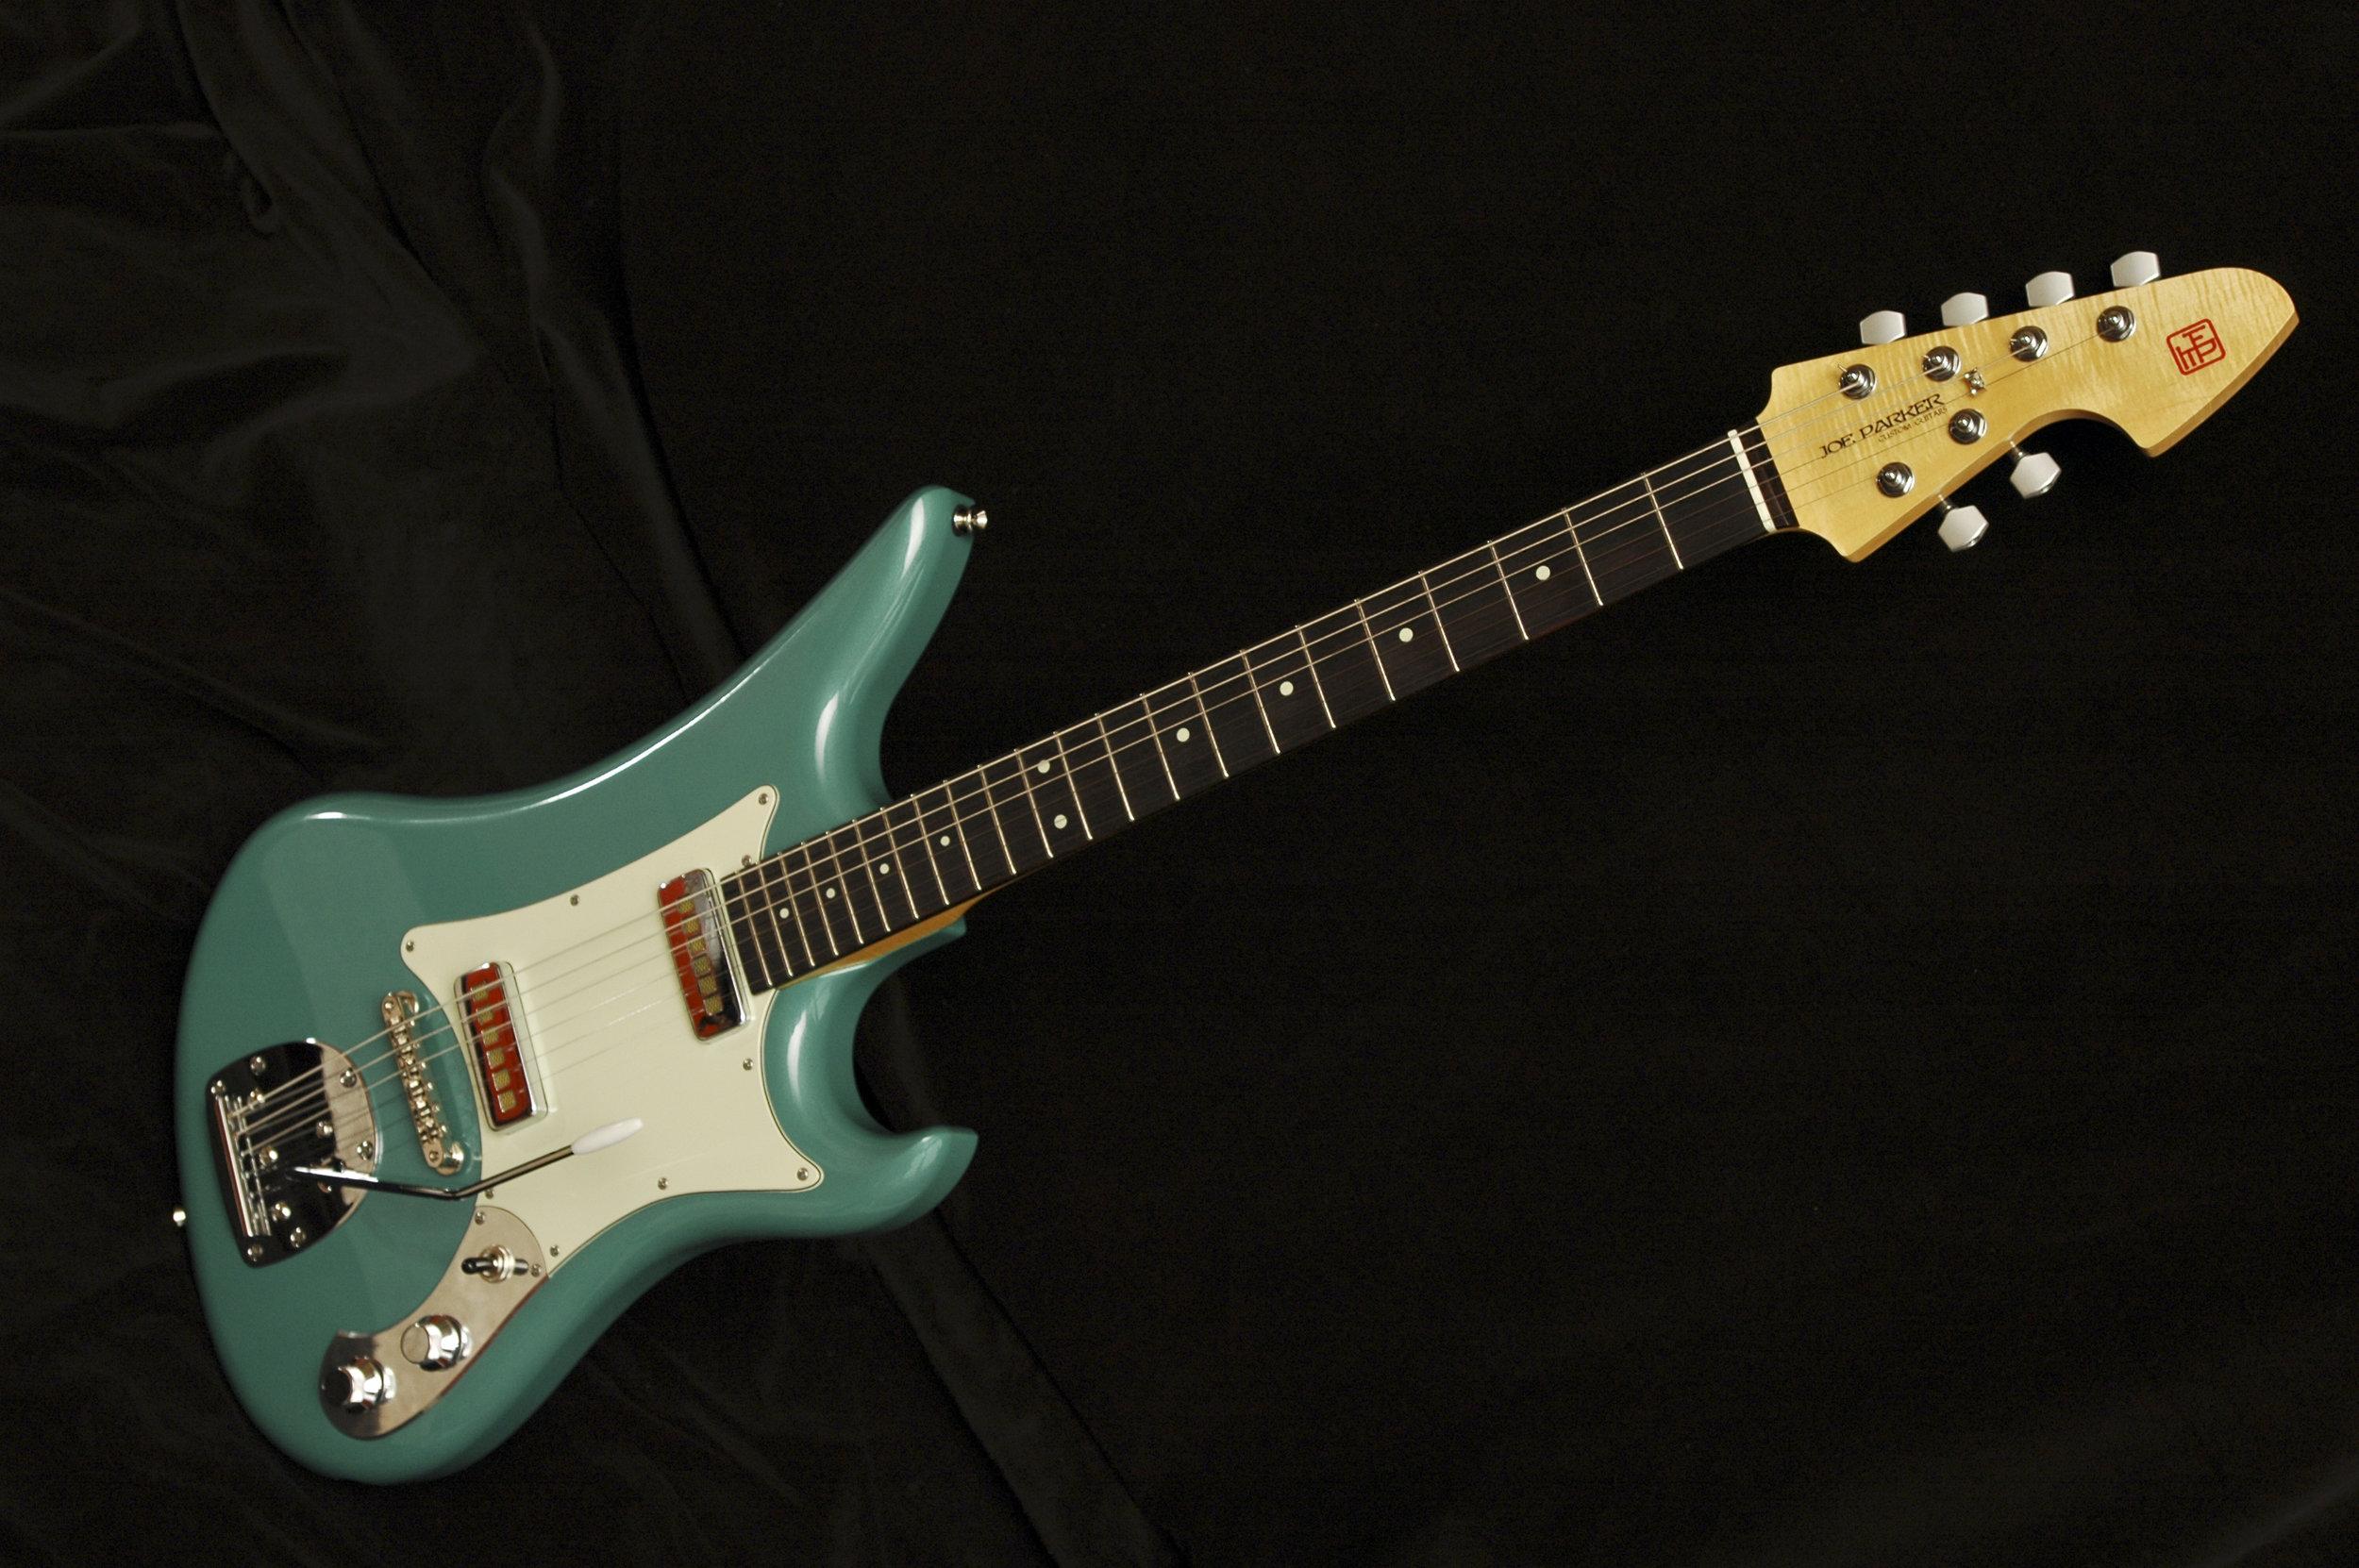 Joe Parker Guitars Joe Parker Custom Guitars & Effects